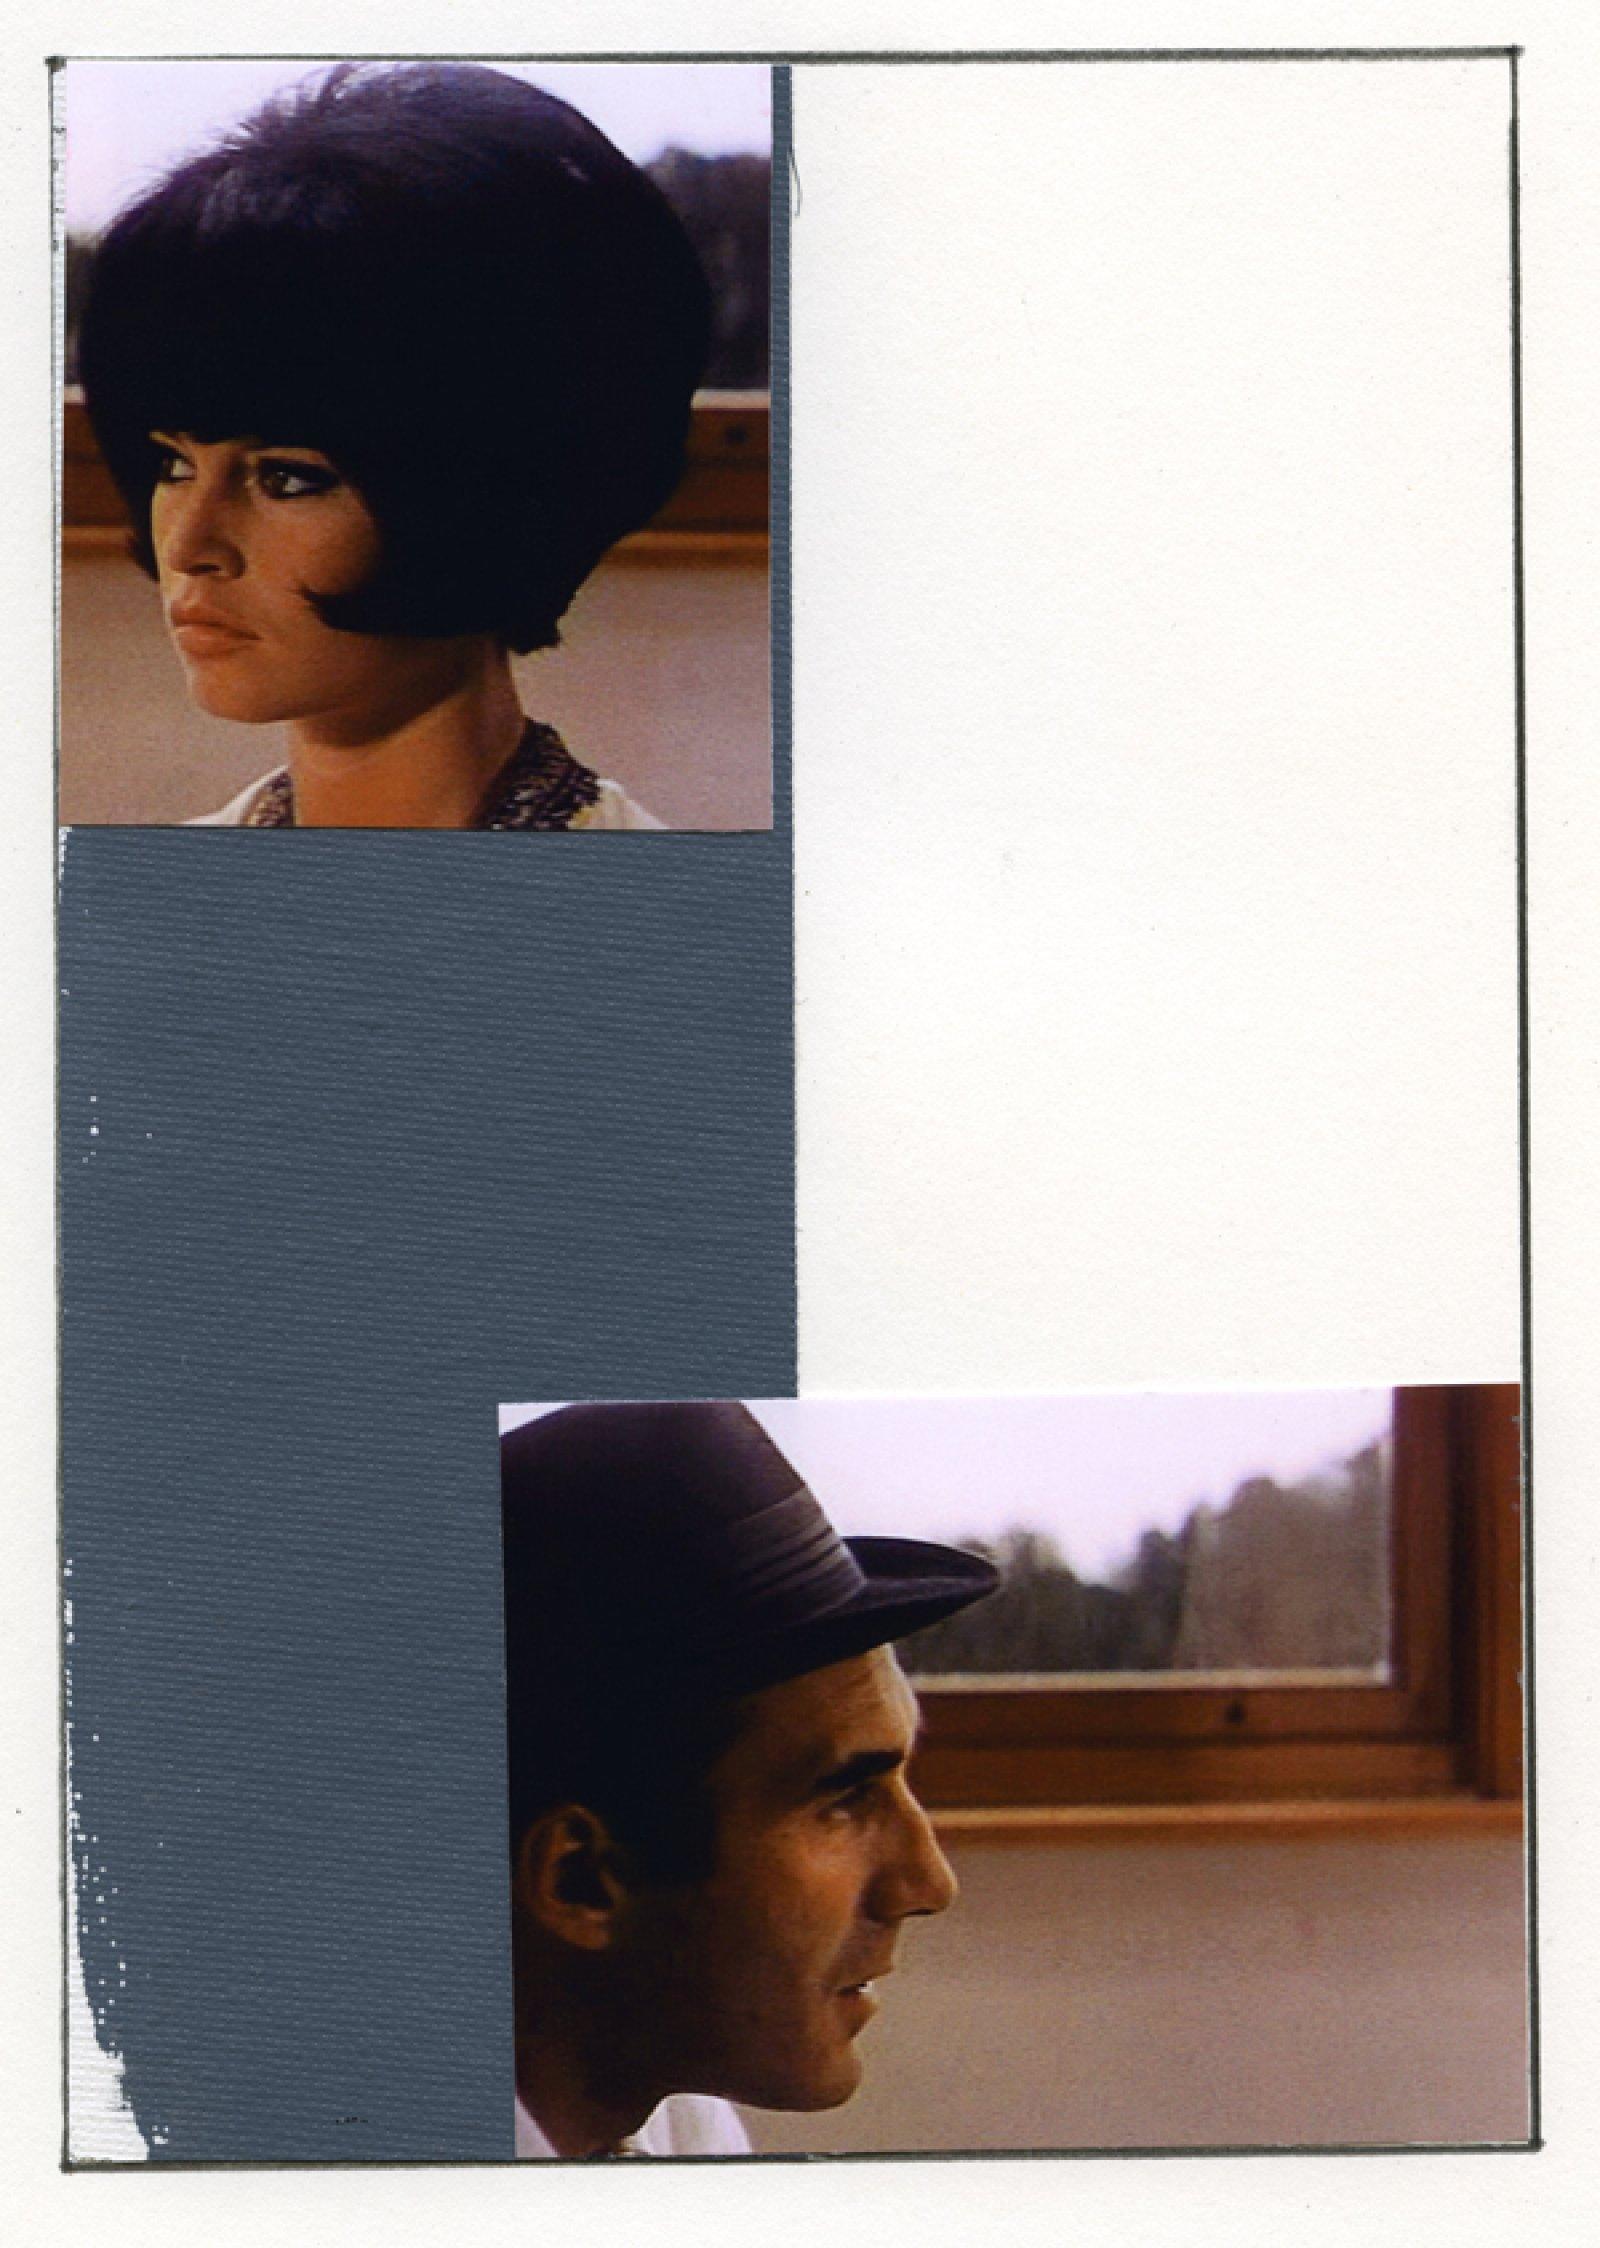 Ian Wallace, Enlarged Inkjet Study for Le Mépris II, 2010, inkjet print, 47 x 35 in. (119 x 89 cm)   by Ian Wallace